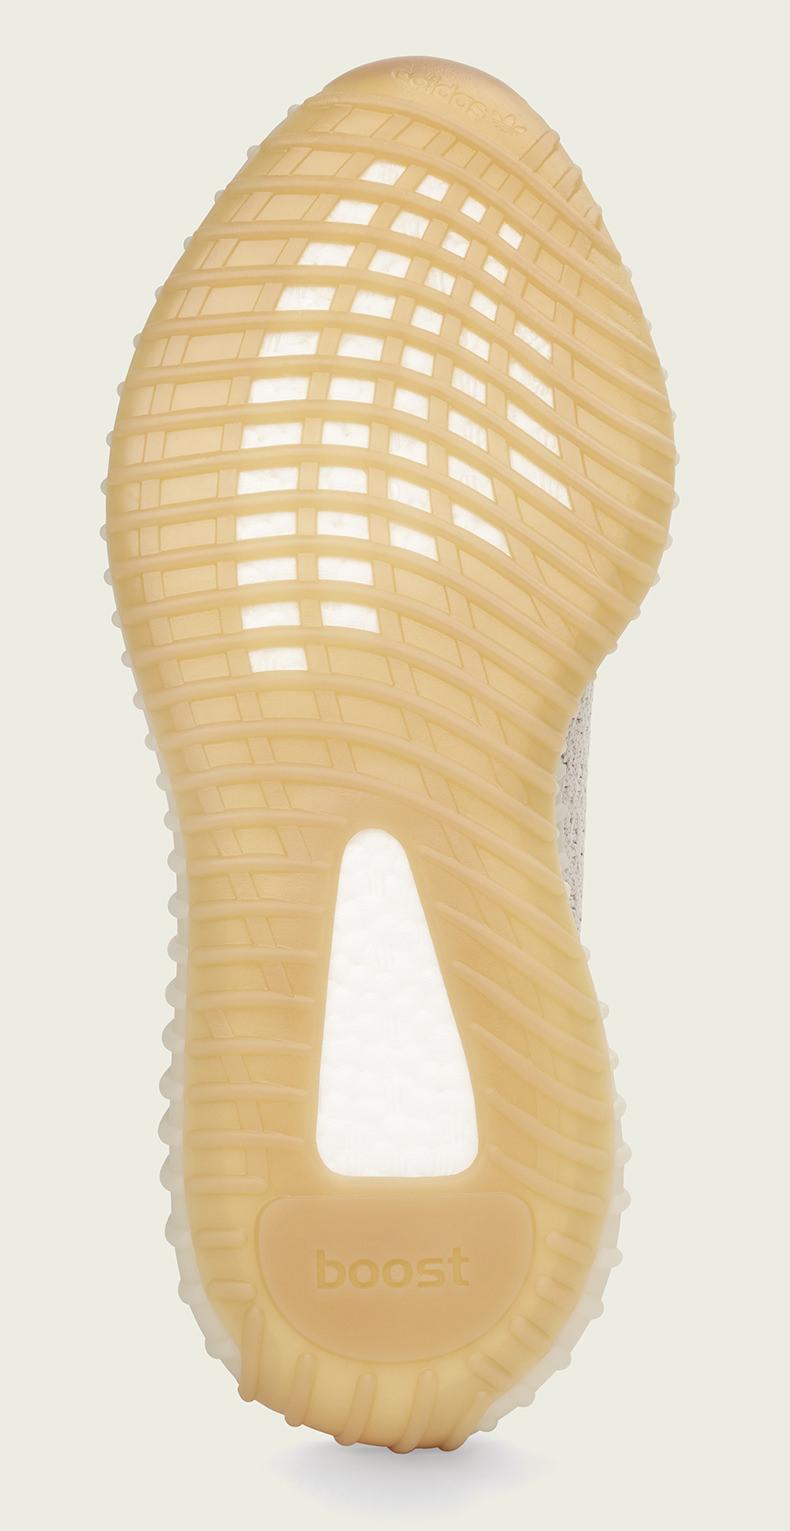 0f7c72ebbe1 adidas Yeezy Boost 350 V2